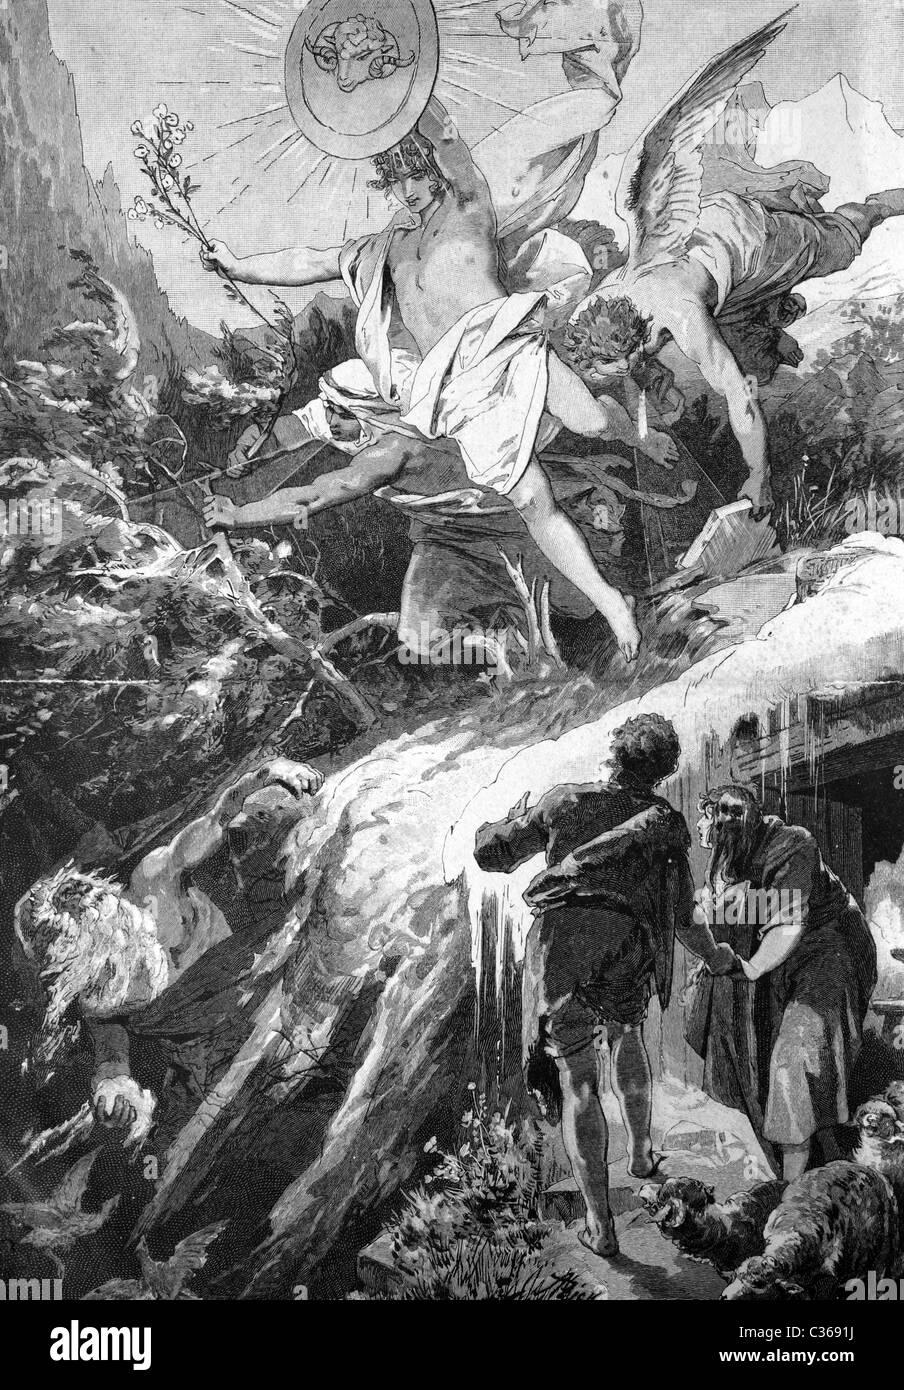 Imagen histórica de un concepto para el inicio de la primavera de 1886 Imagen De Stock